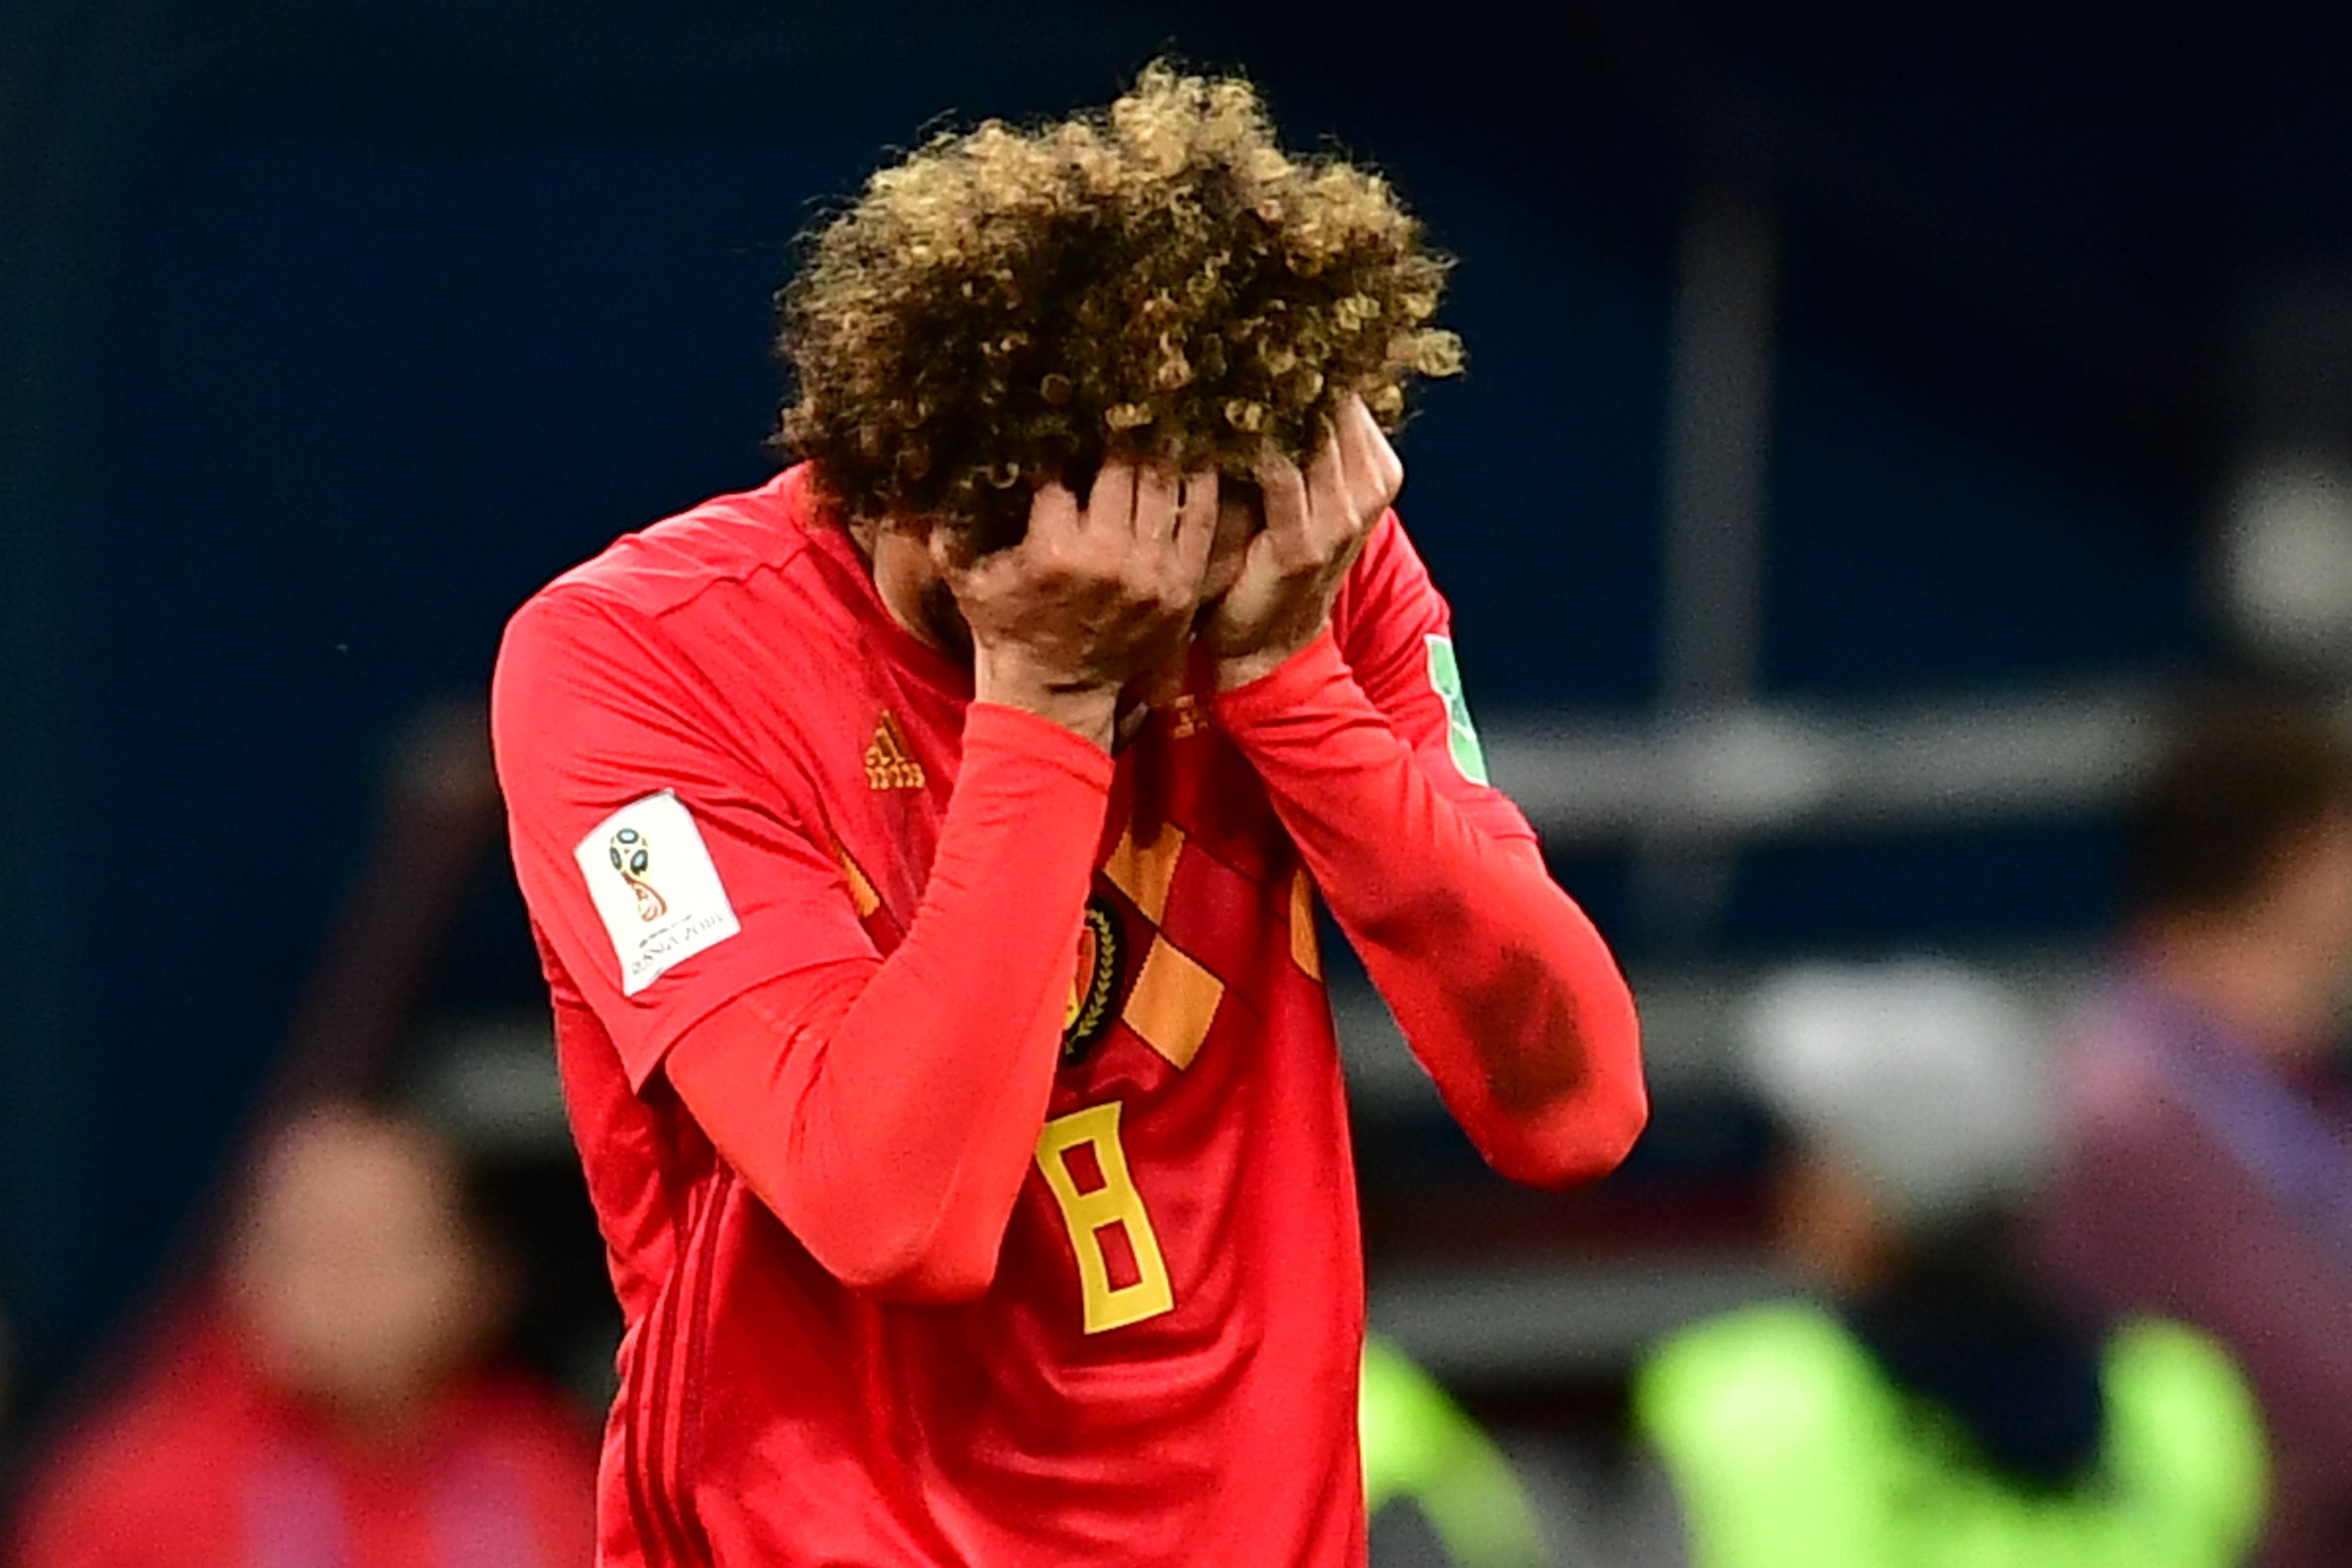 世足賽法國以1:0擊敗比利時,圖為比利時球員失望掩面。(Getty Images)